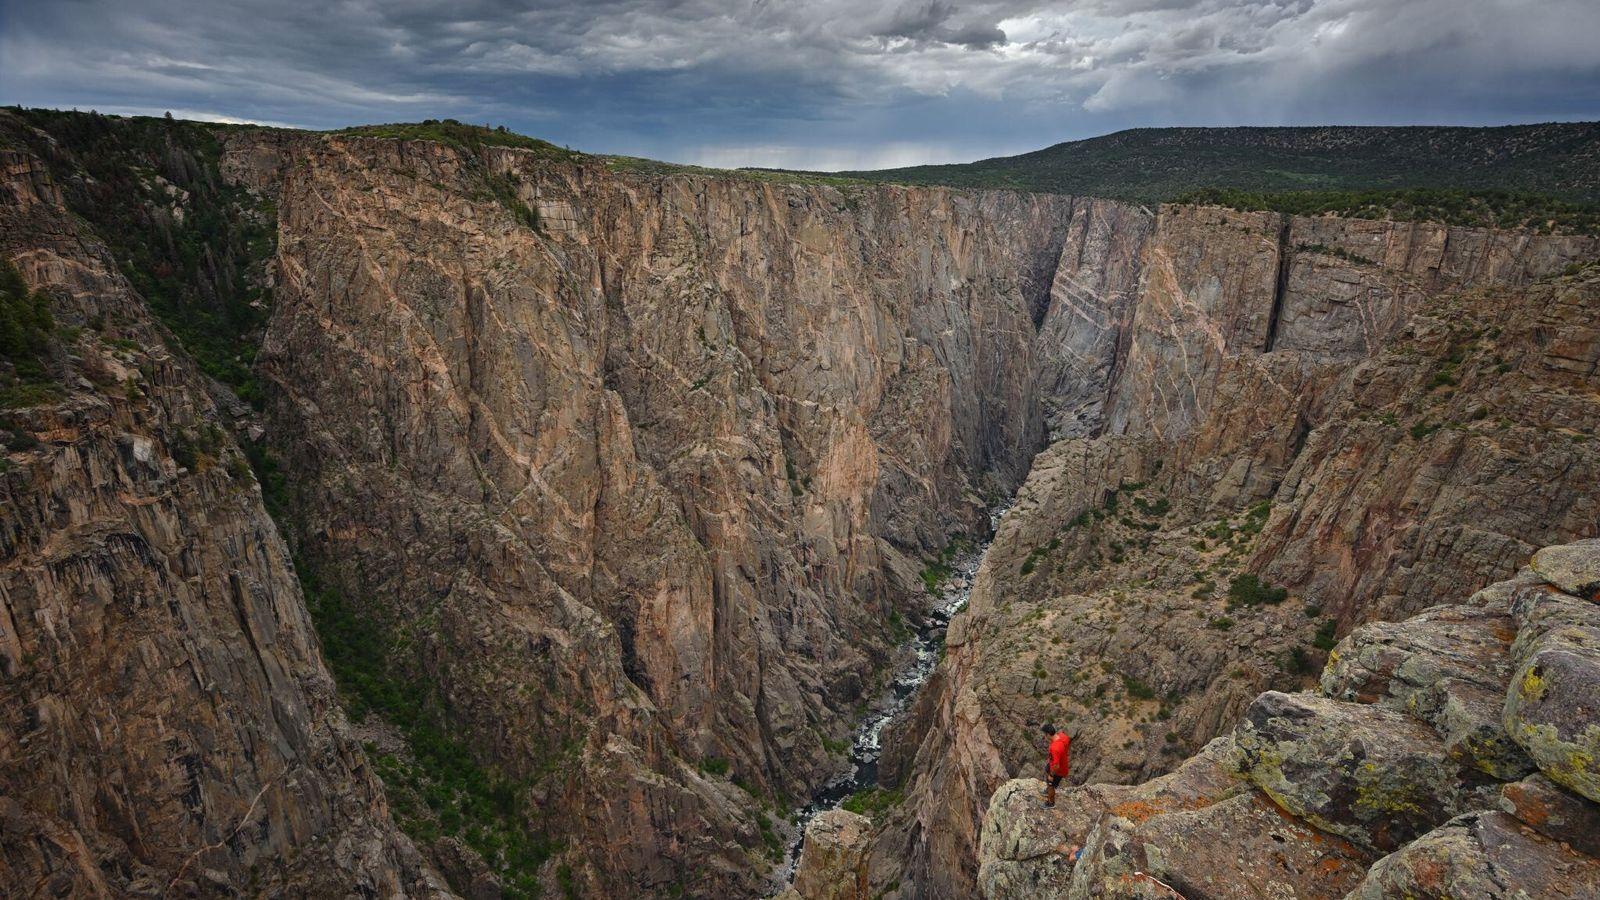 As rochas metamórficas do Black Canyon – incrustadas com faixas de granito rosa – têm quase ...